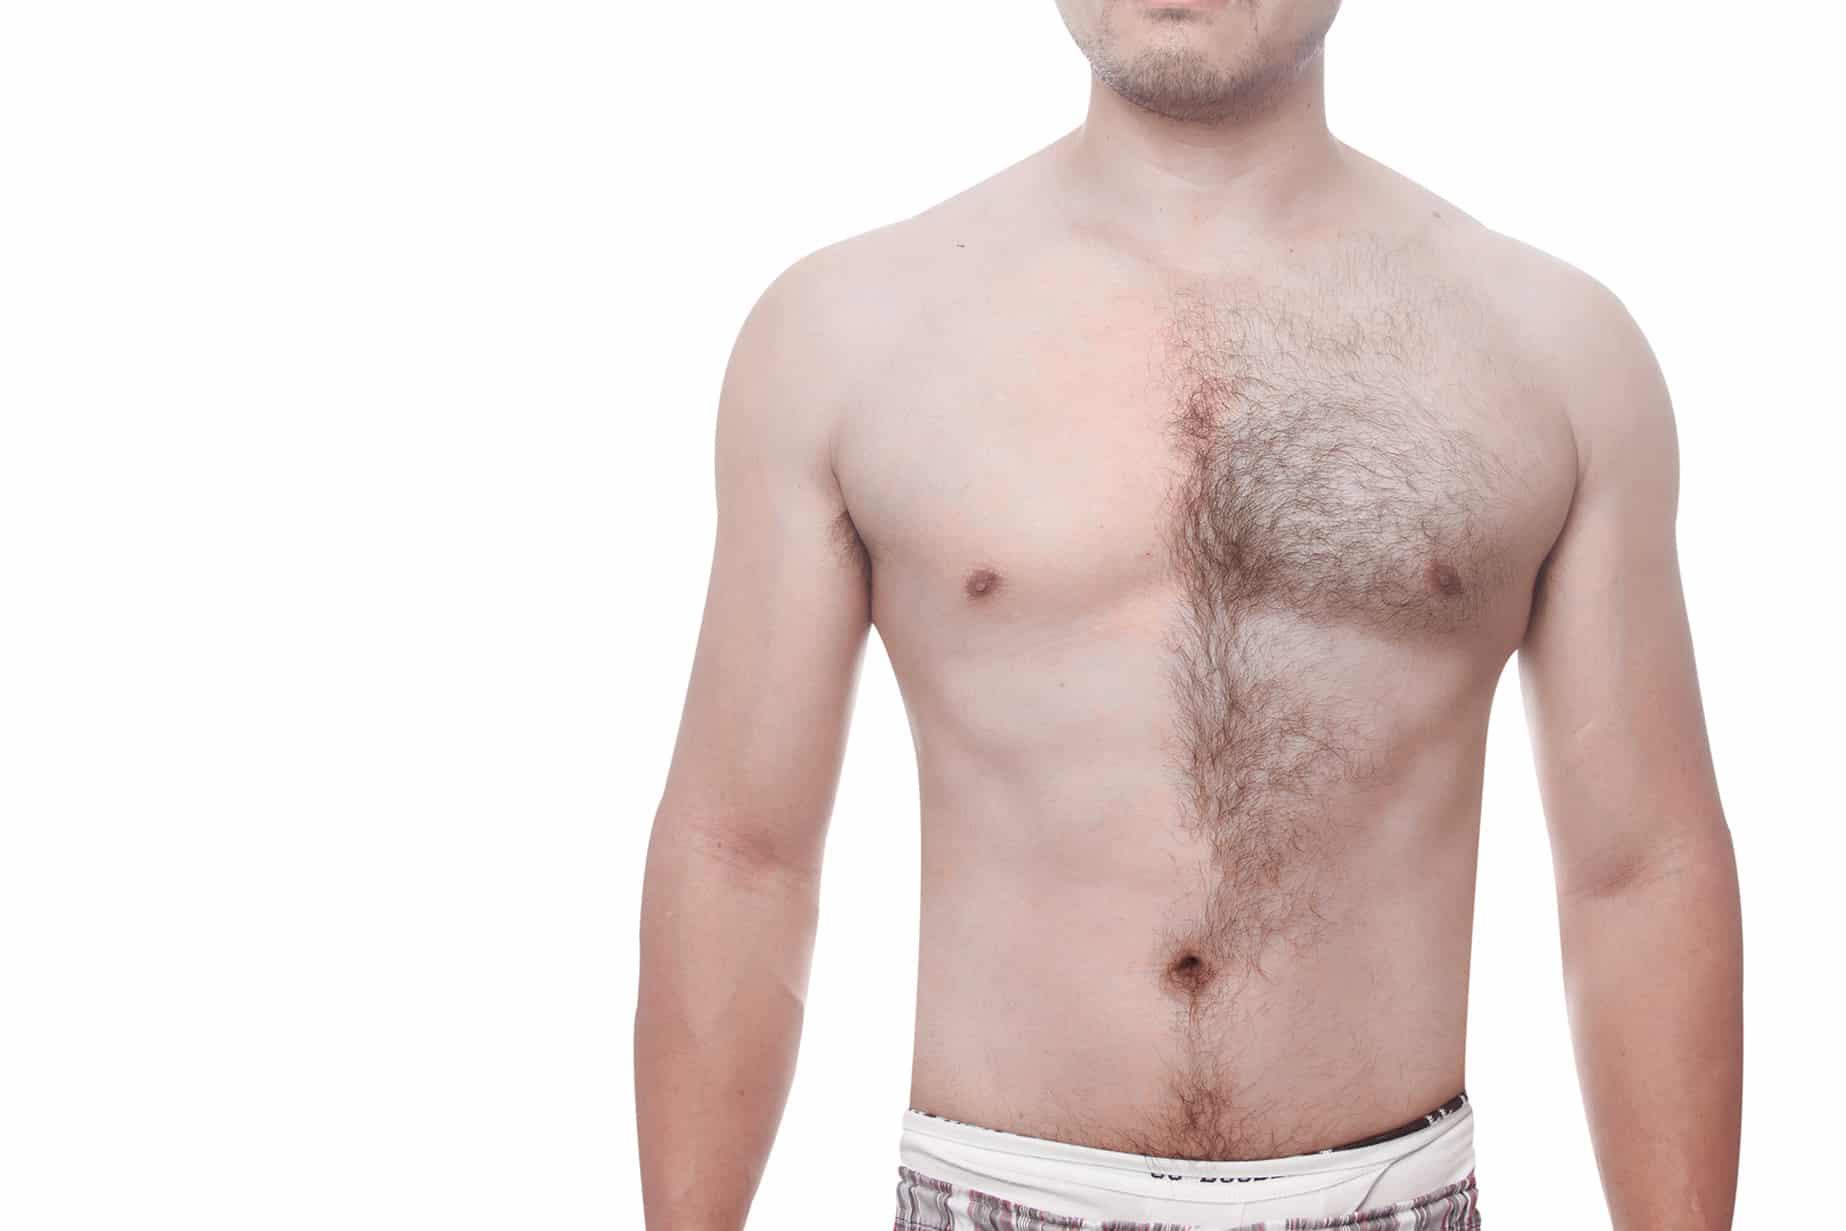 Мужская интимная лазерная эпиляция